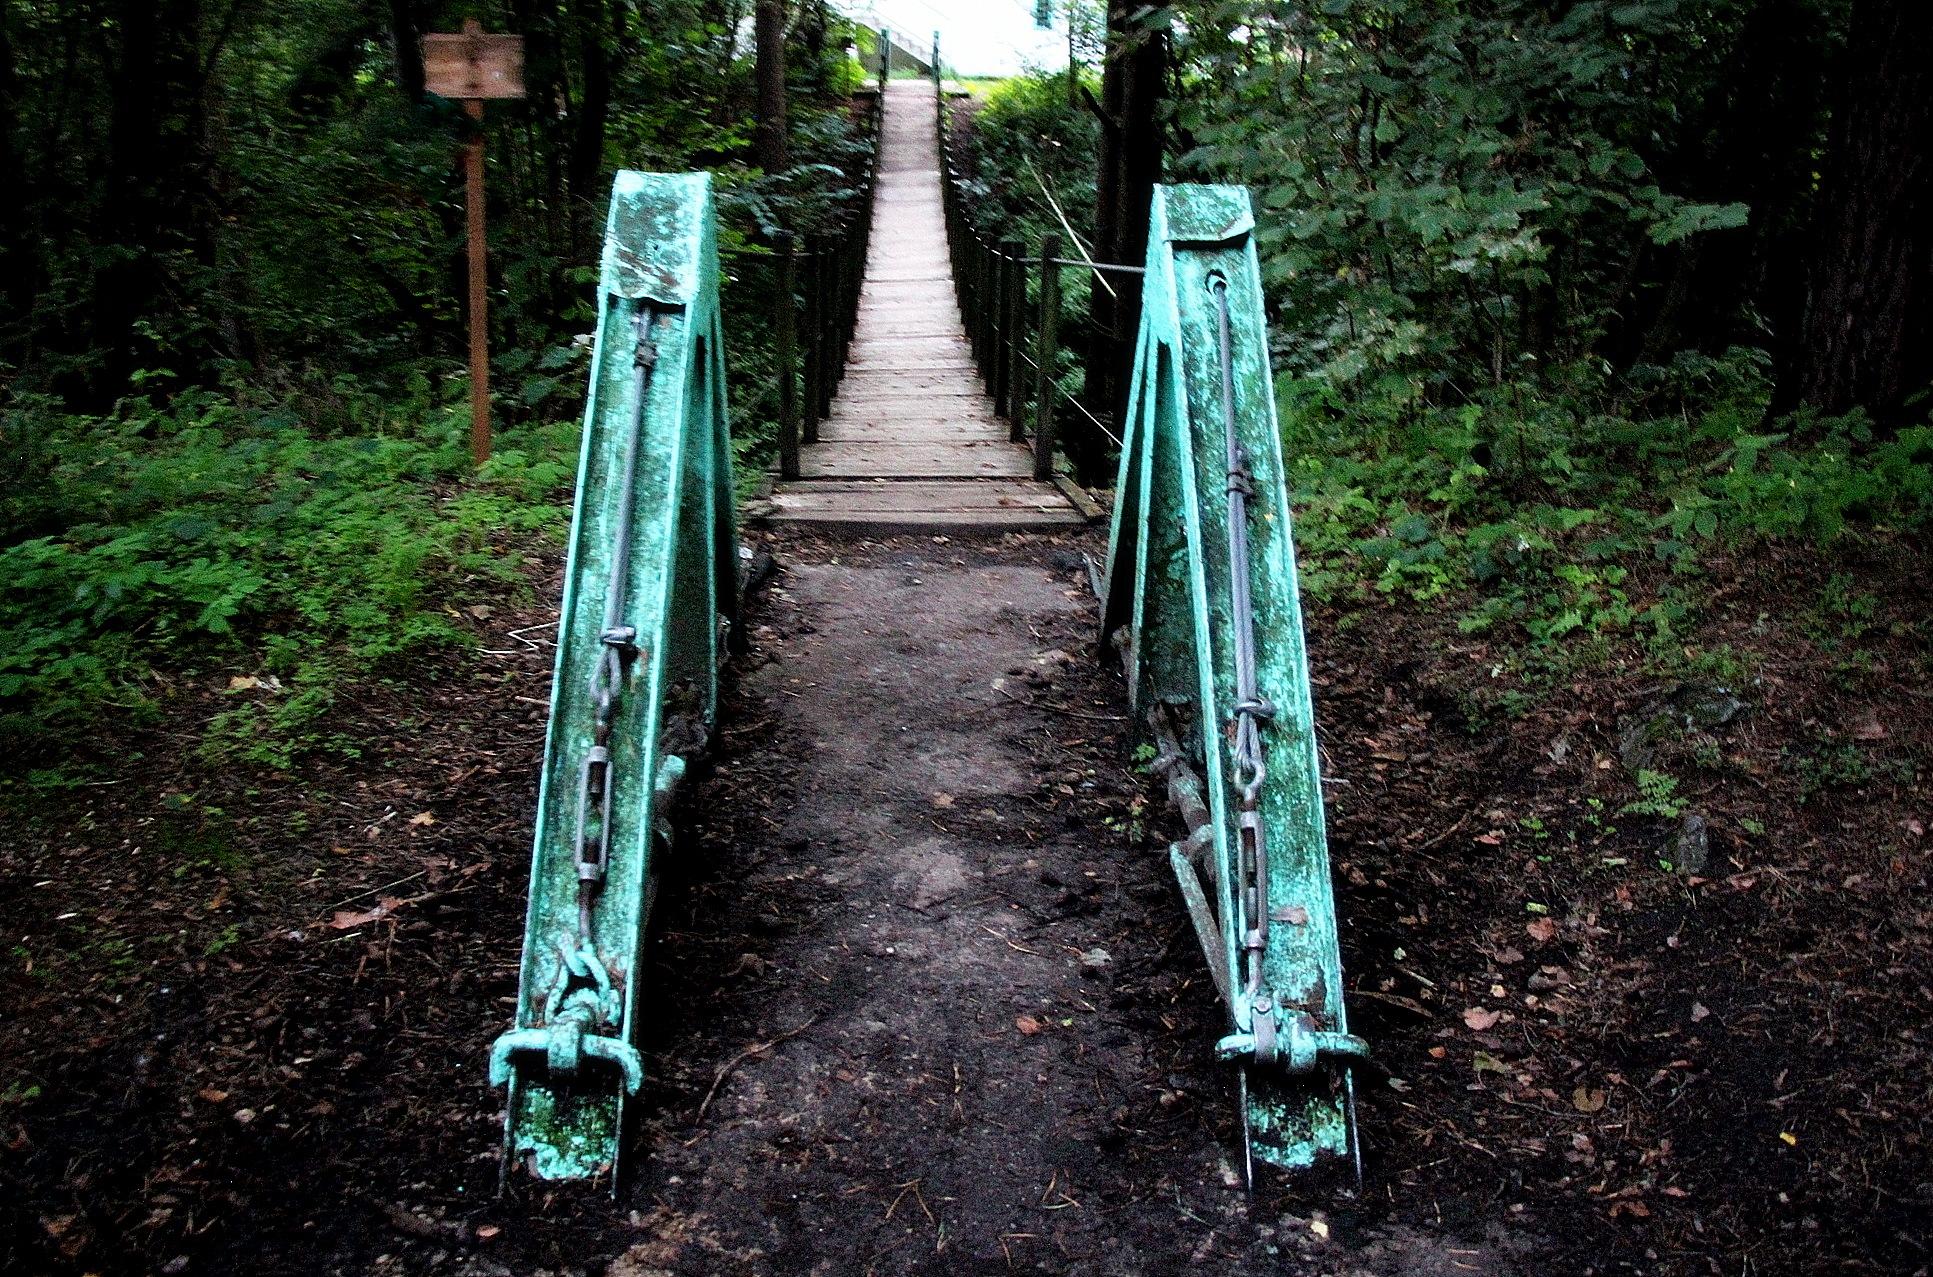 Bridge by Adam Wyciszkiewicz